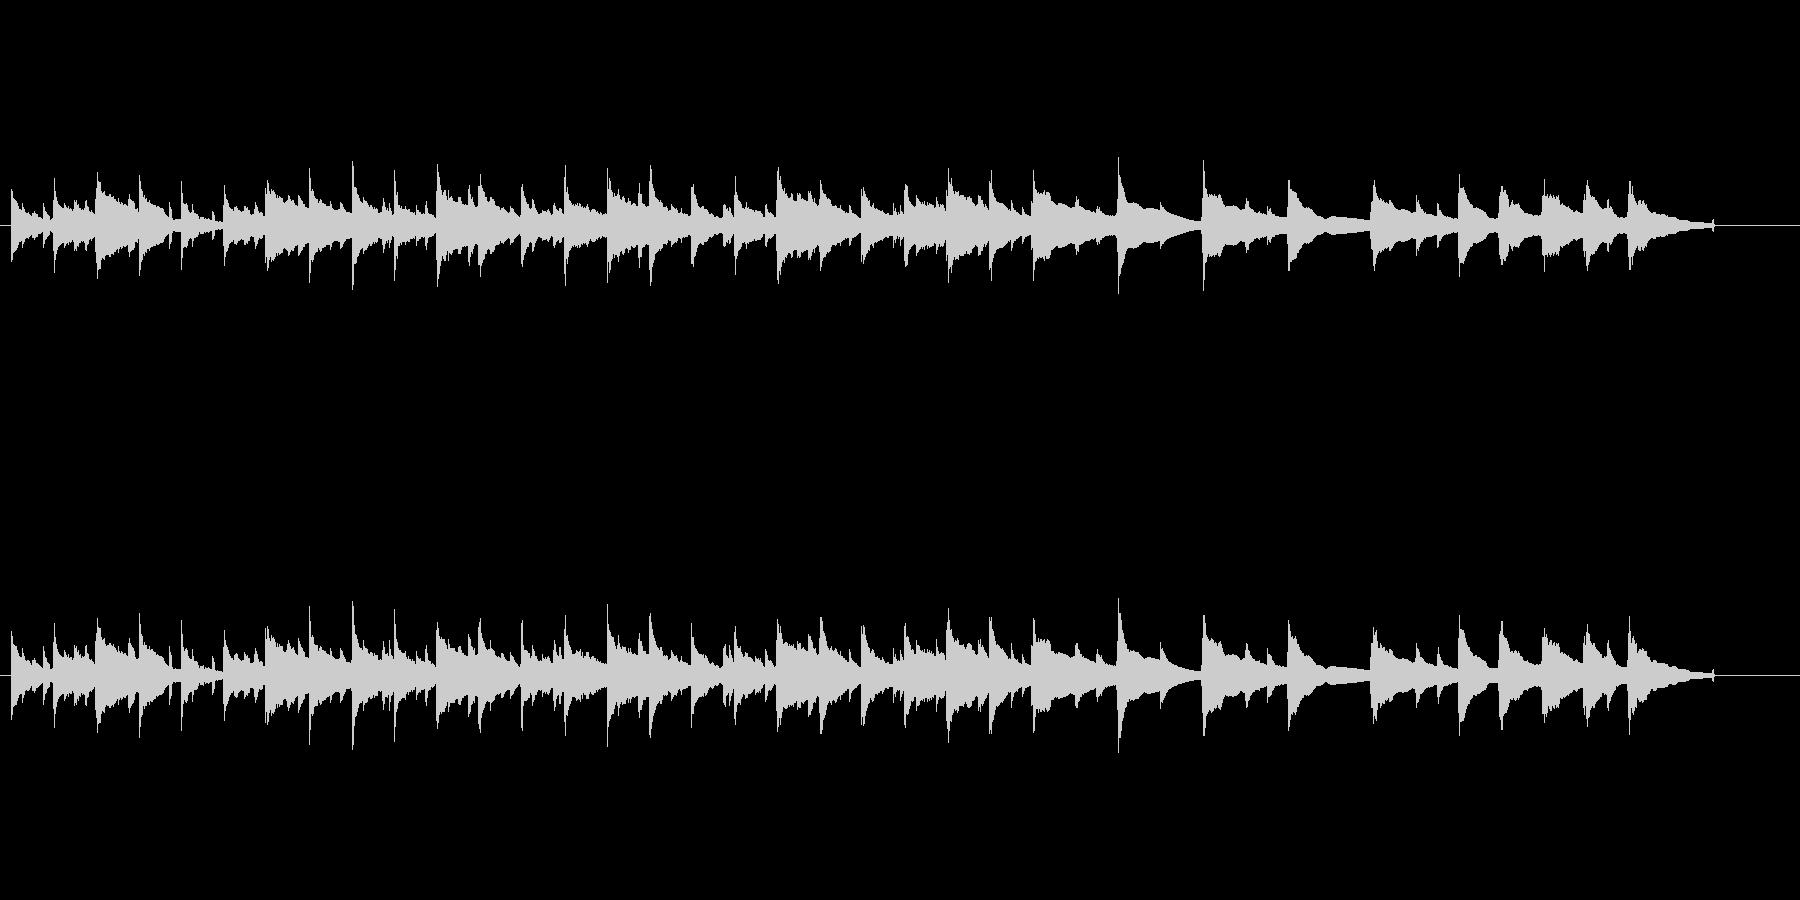 のどかな曲で生ウクレレアルペジオが印象的の未再生の波形